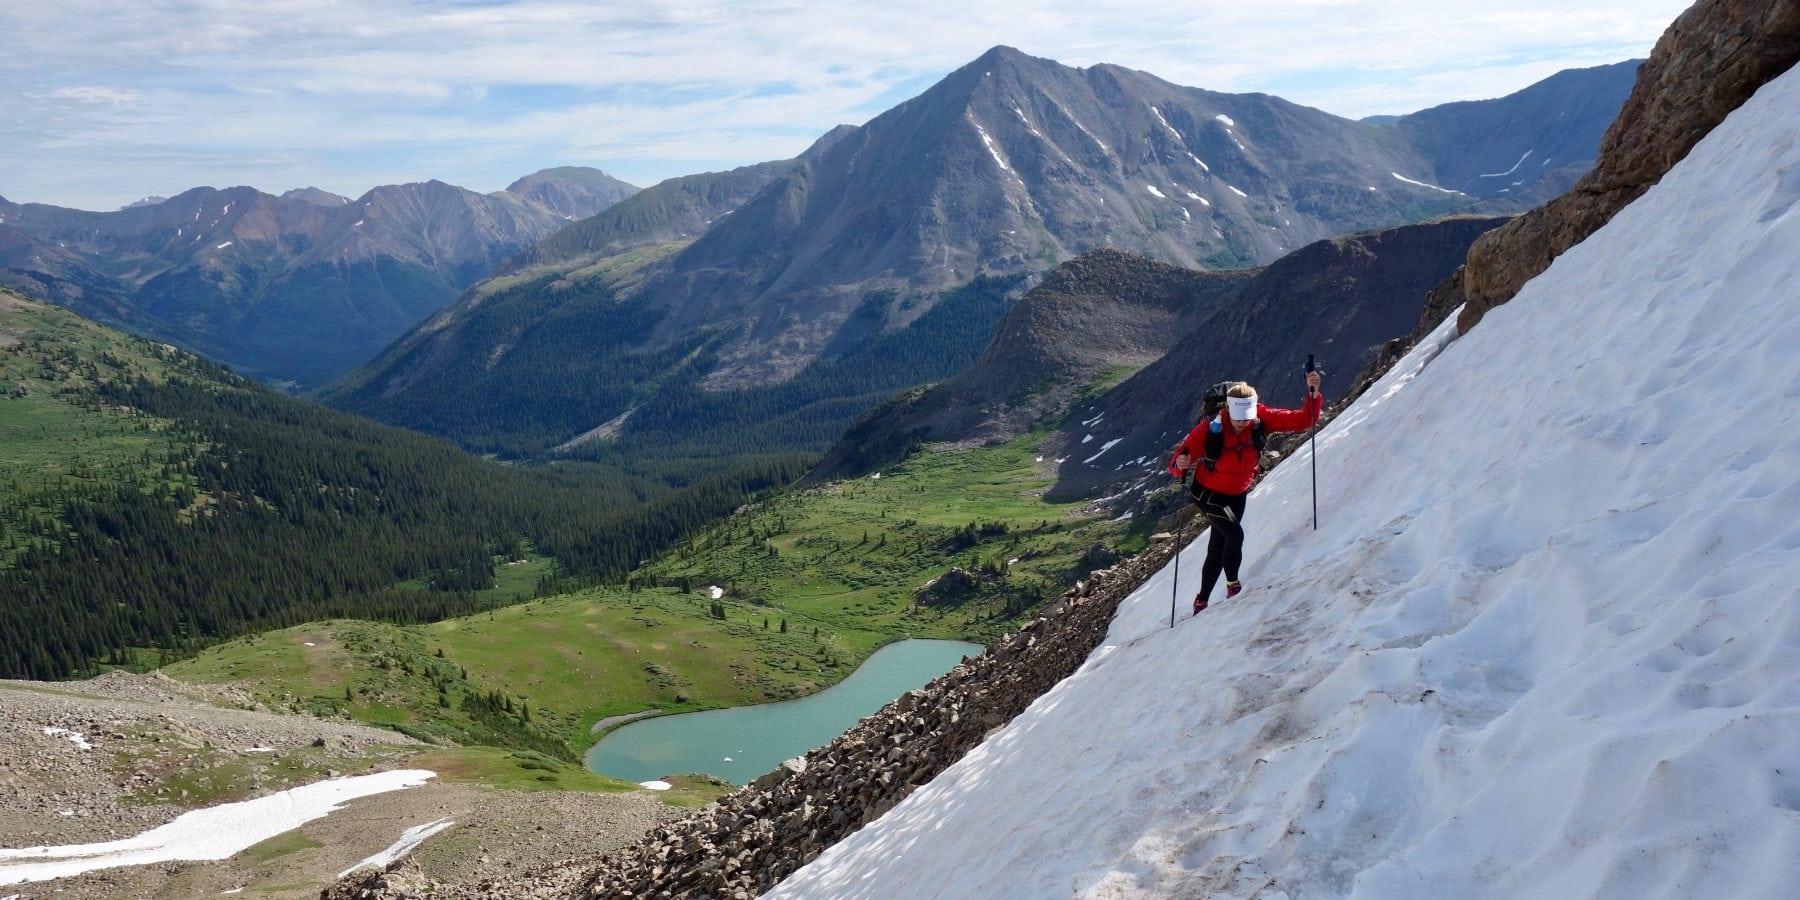 Marissa Harris - Lake Ann and Continental Divide Trail